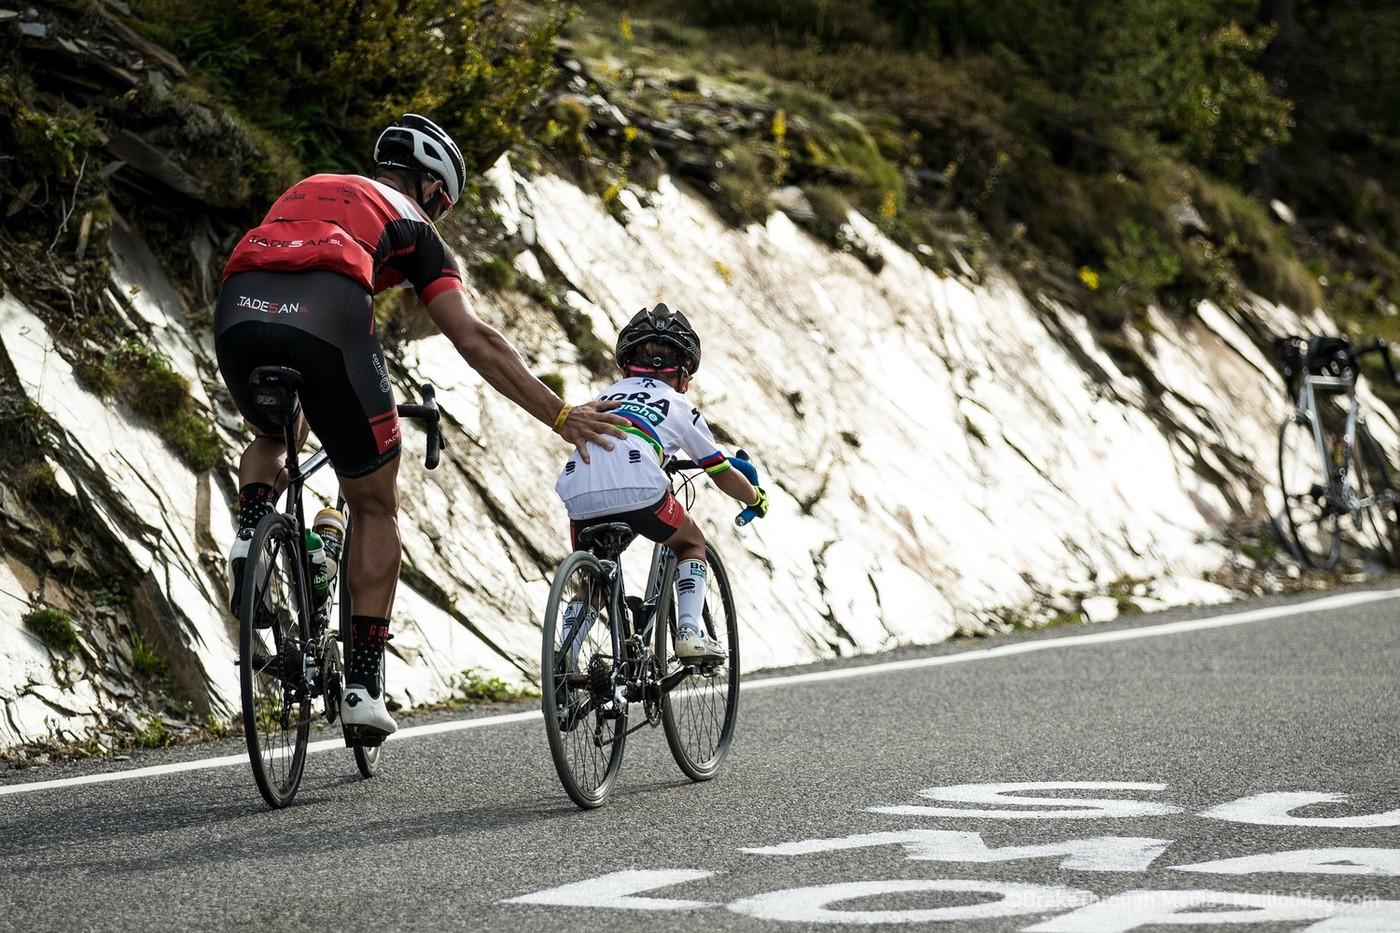 Un padre y un hijo subiendo un Puerto de Montaña horas antes de que lo hagan los profesionales